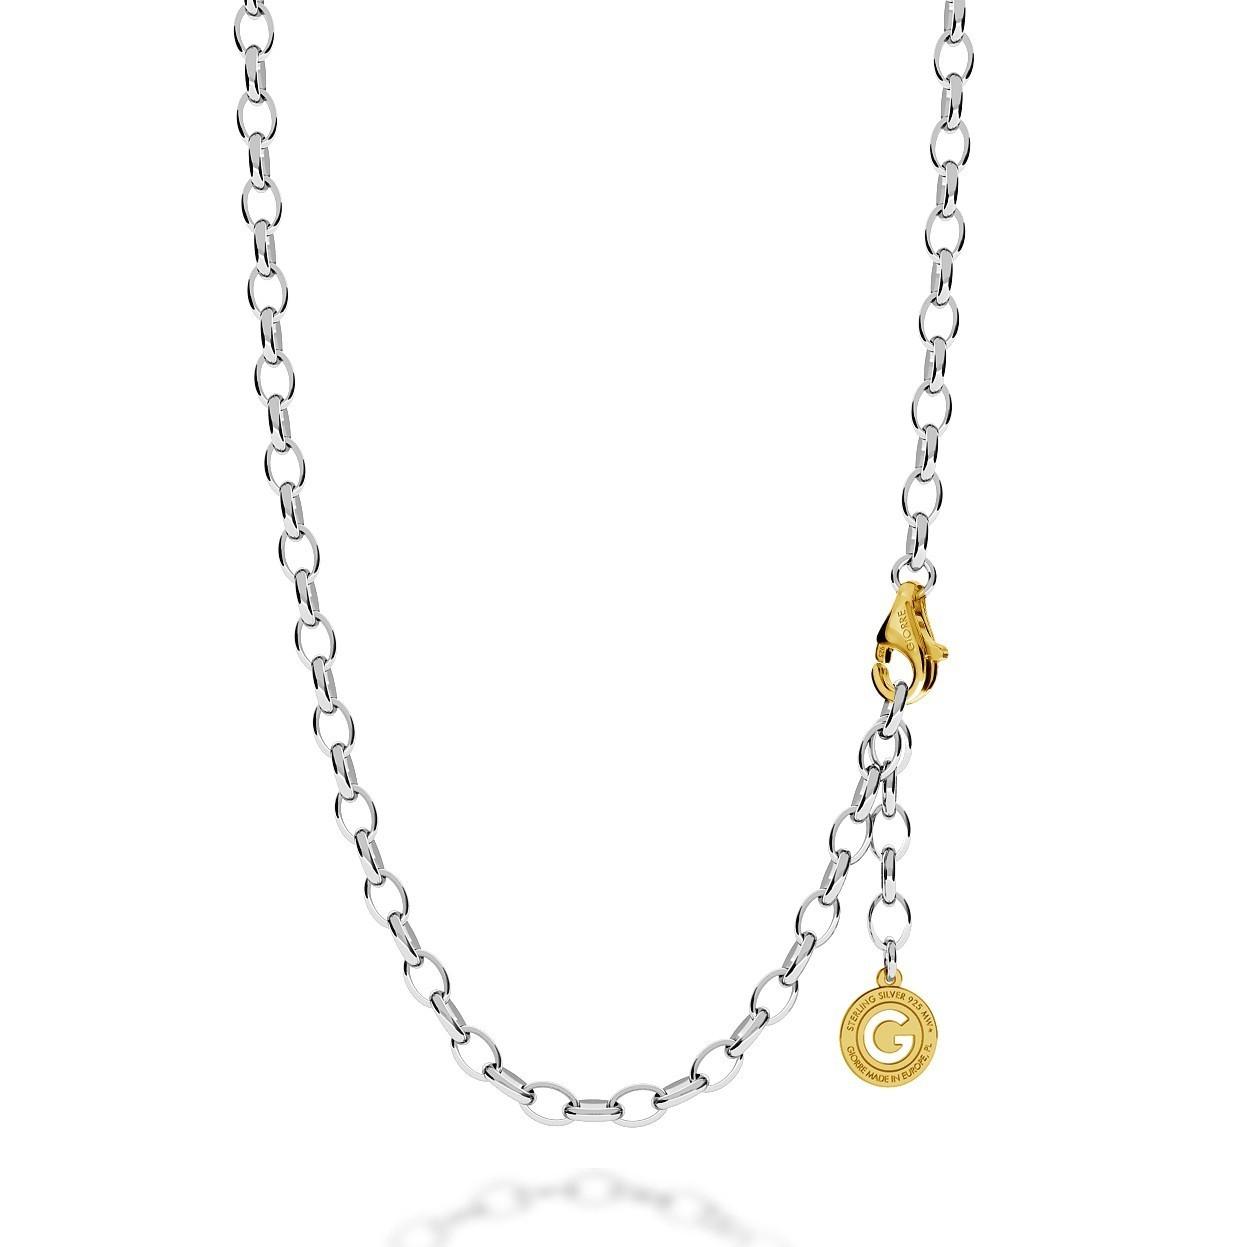 Silberne halskette 55-65 cm, helles rhodium, verschluss goldgelb, kettenglieder 7x5 mm